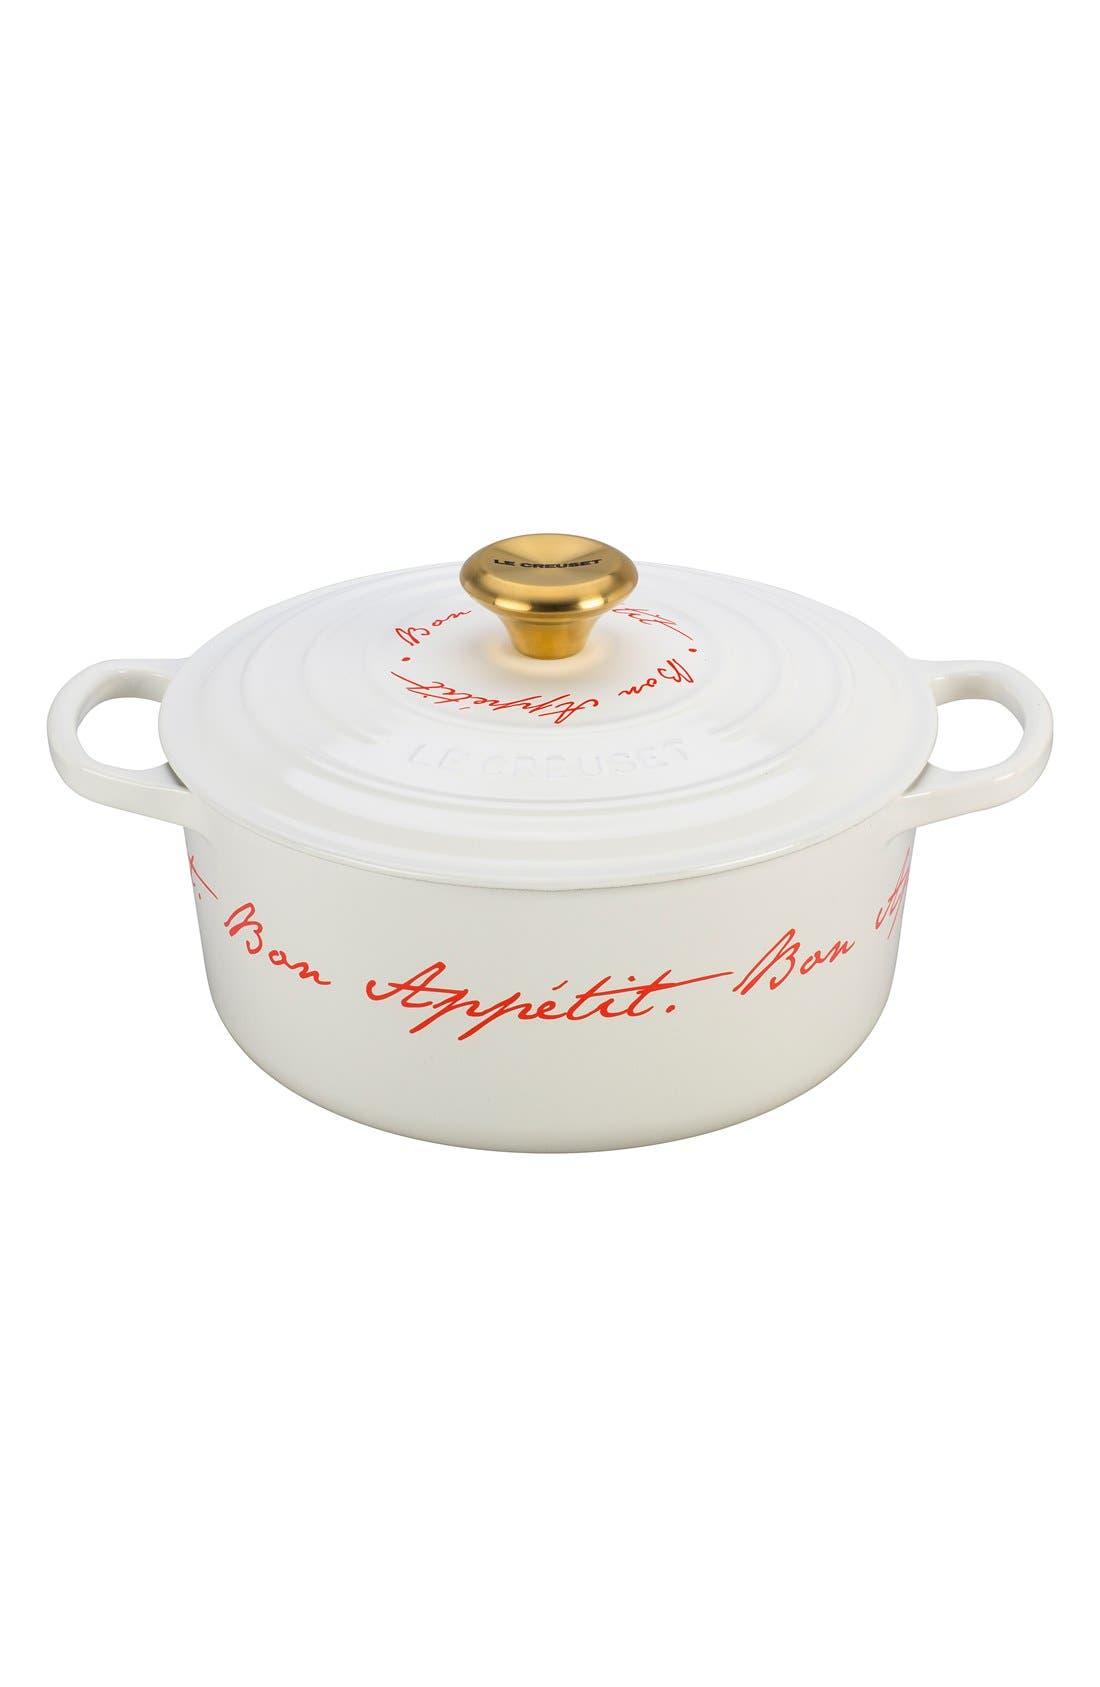 'Bon Appétit - Gold Knob' 4 1/2 Quart Round Enamel Cast Iron French/Dutch Oven,                         Main,                         color, White